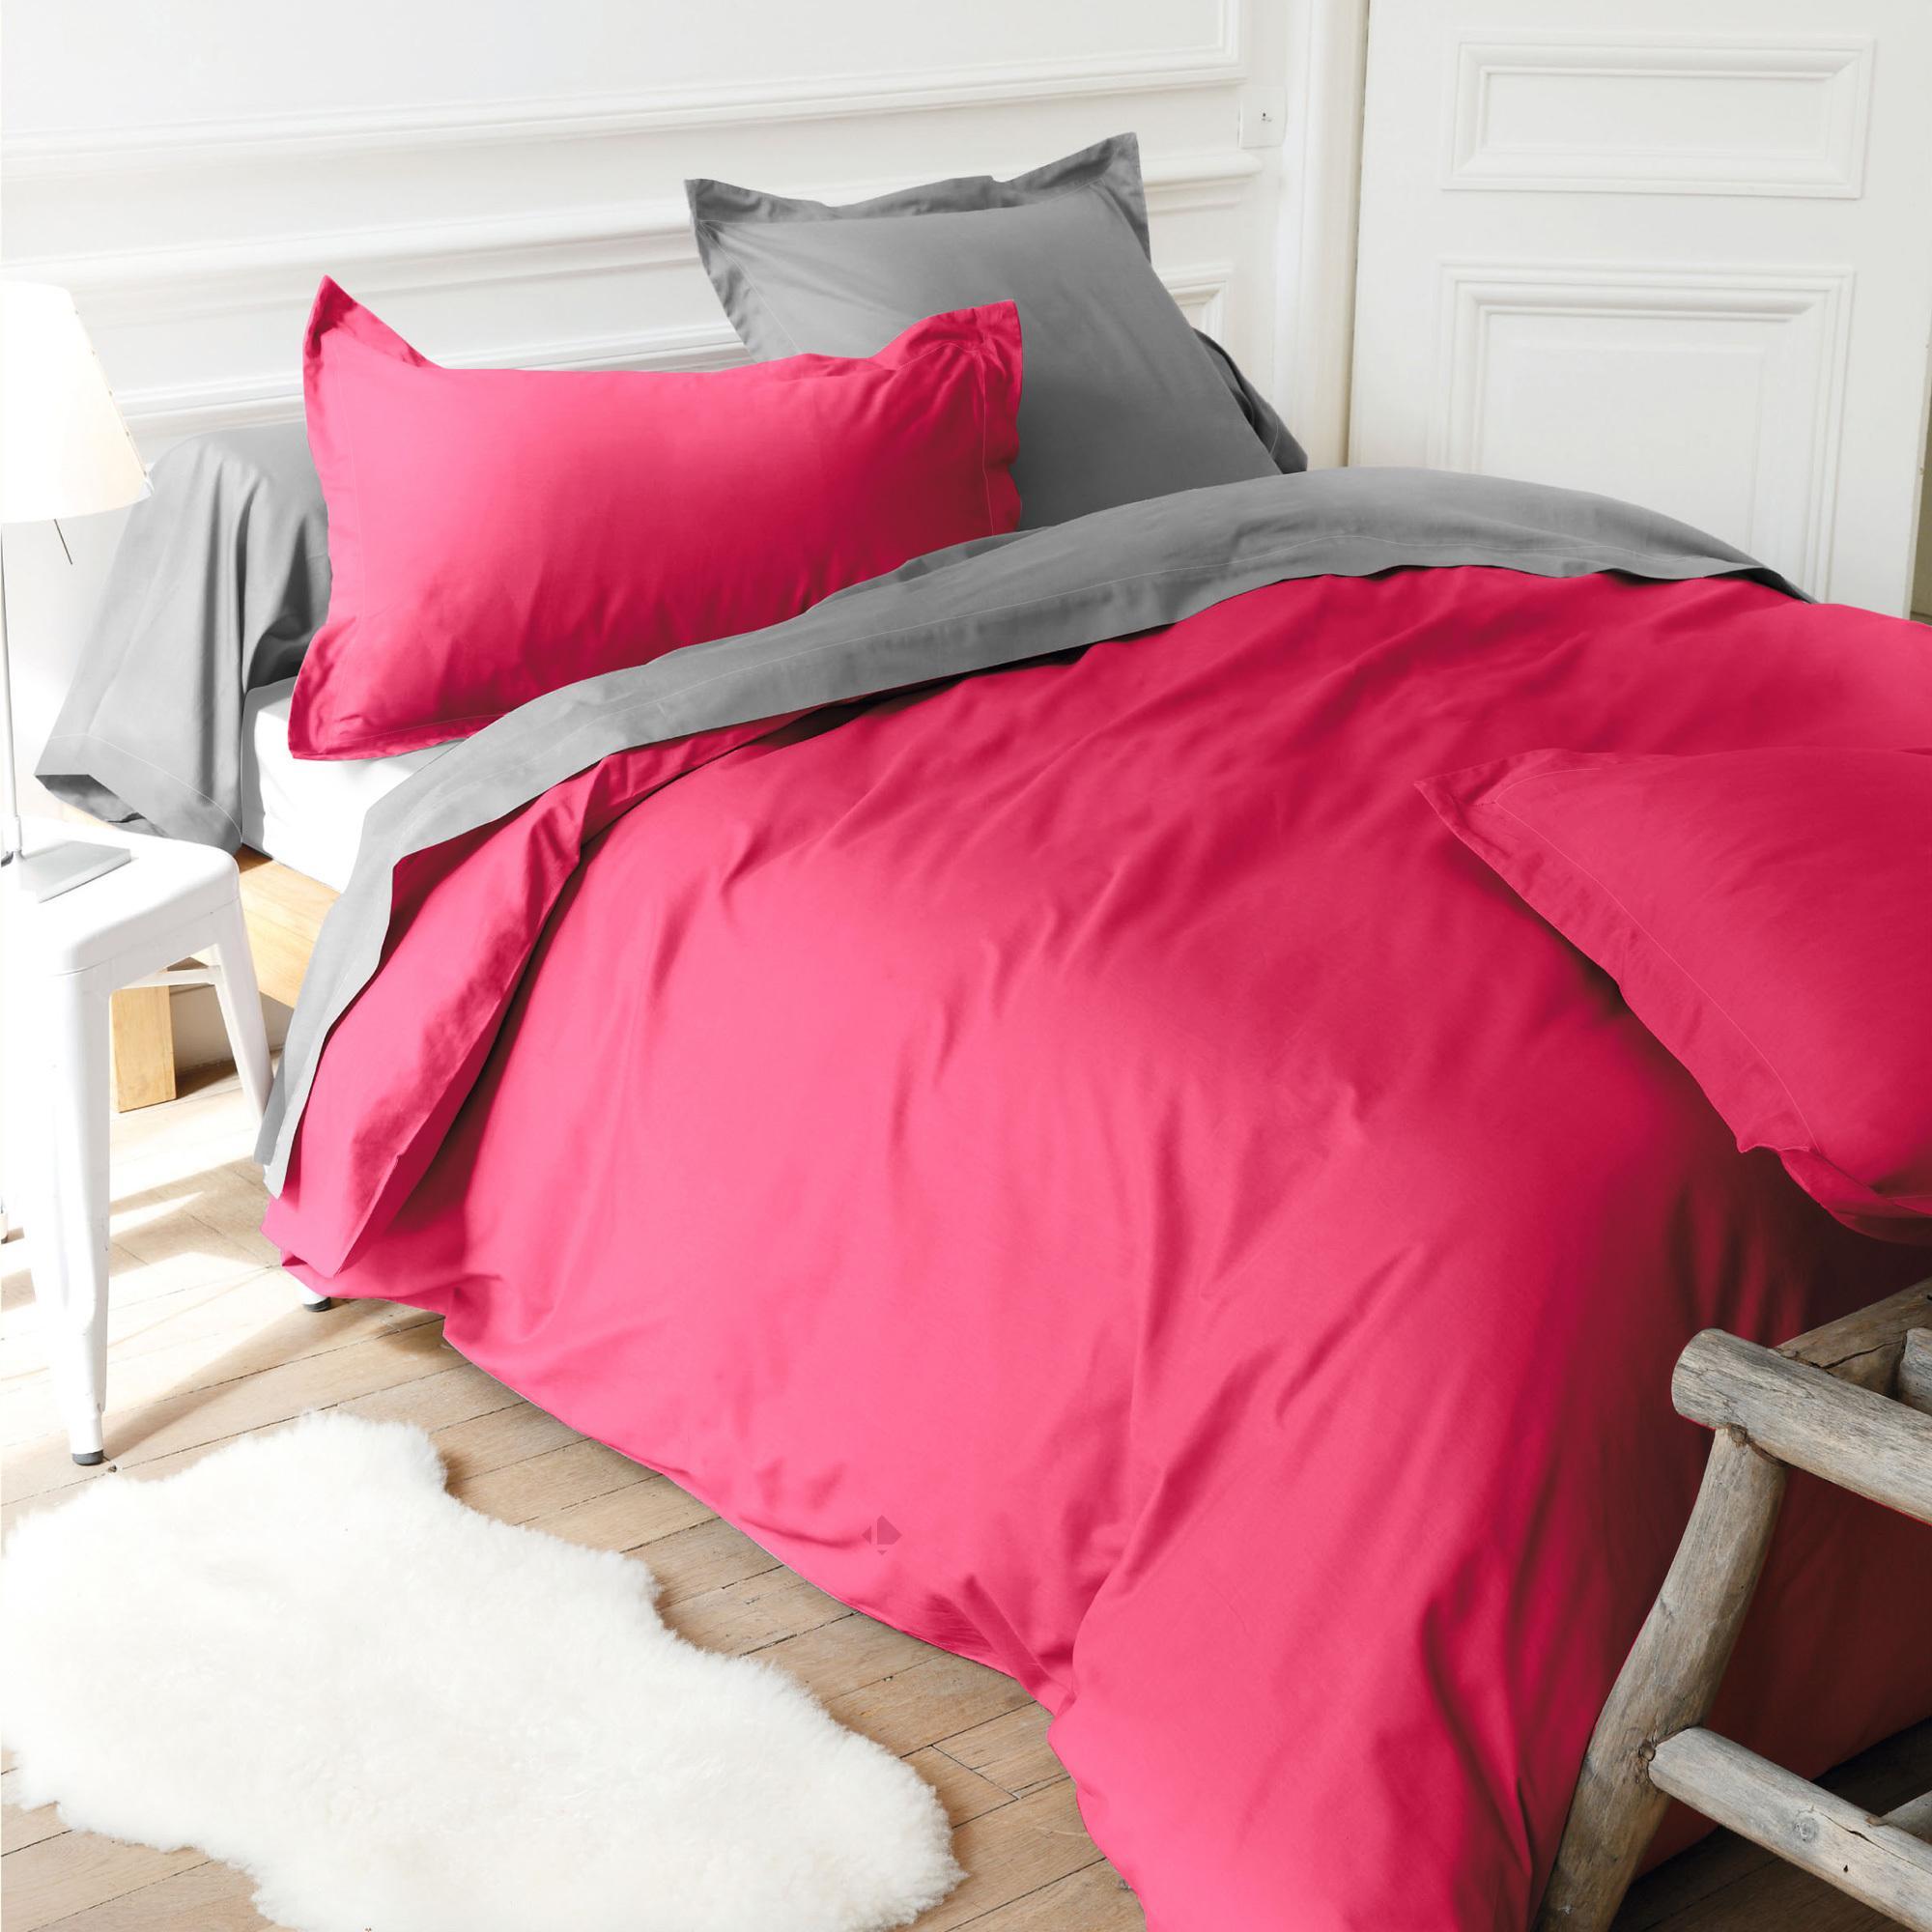 housse de couette 280x240cm uni pur coton alto rose kerala linnea linge de maison et. Black Bedroom Furniture Sets. Home Design Ideas